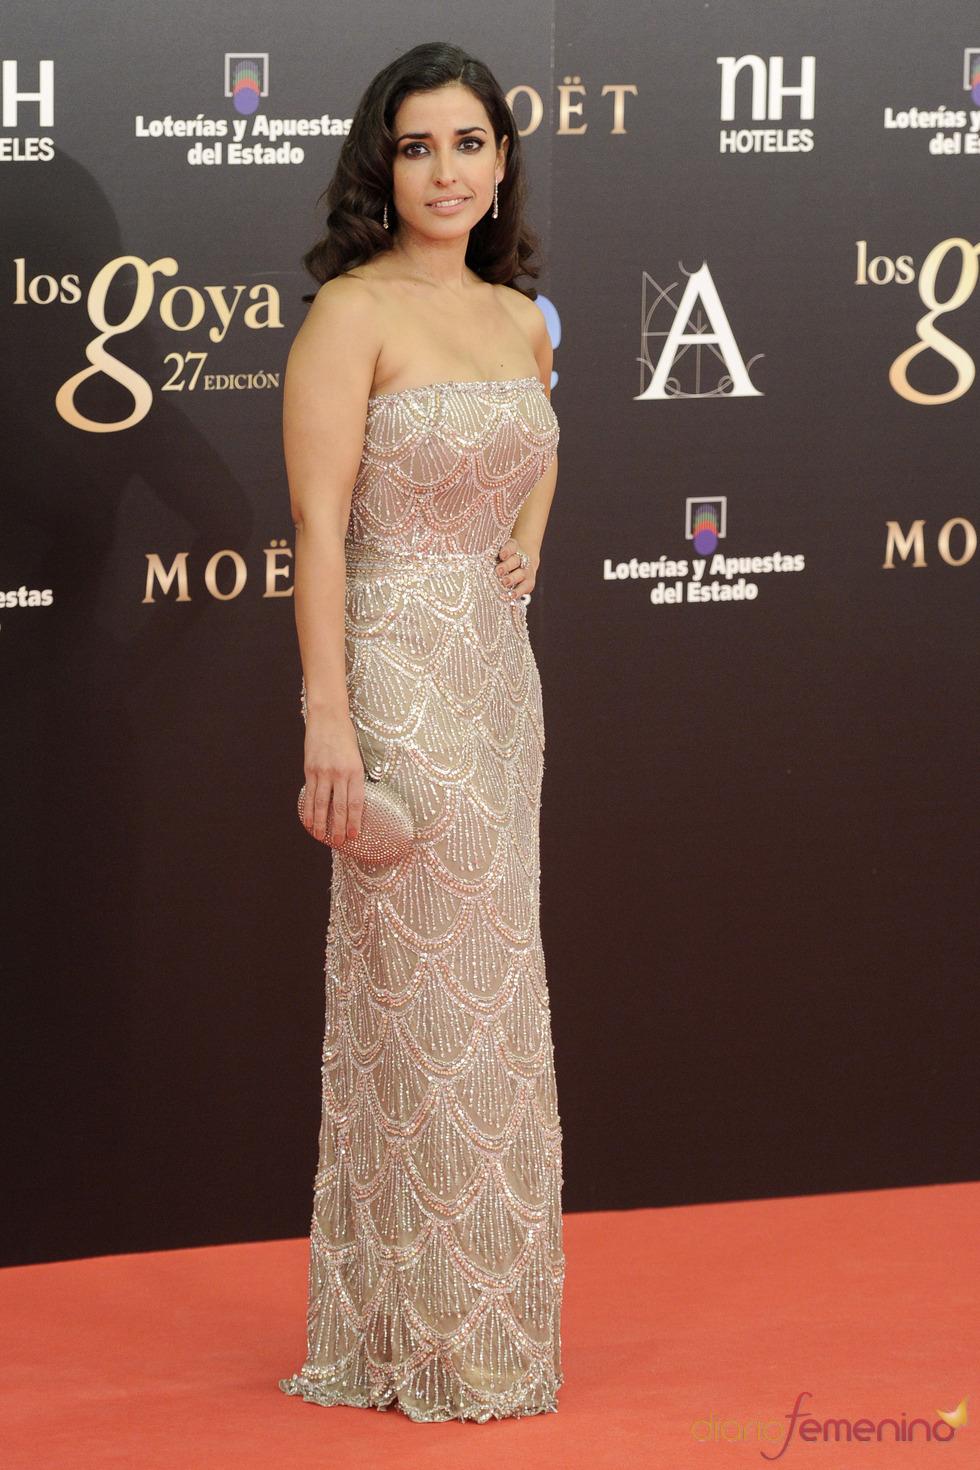 Inma Cuesta en la alfombra roja de los Goya 2013